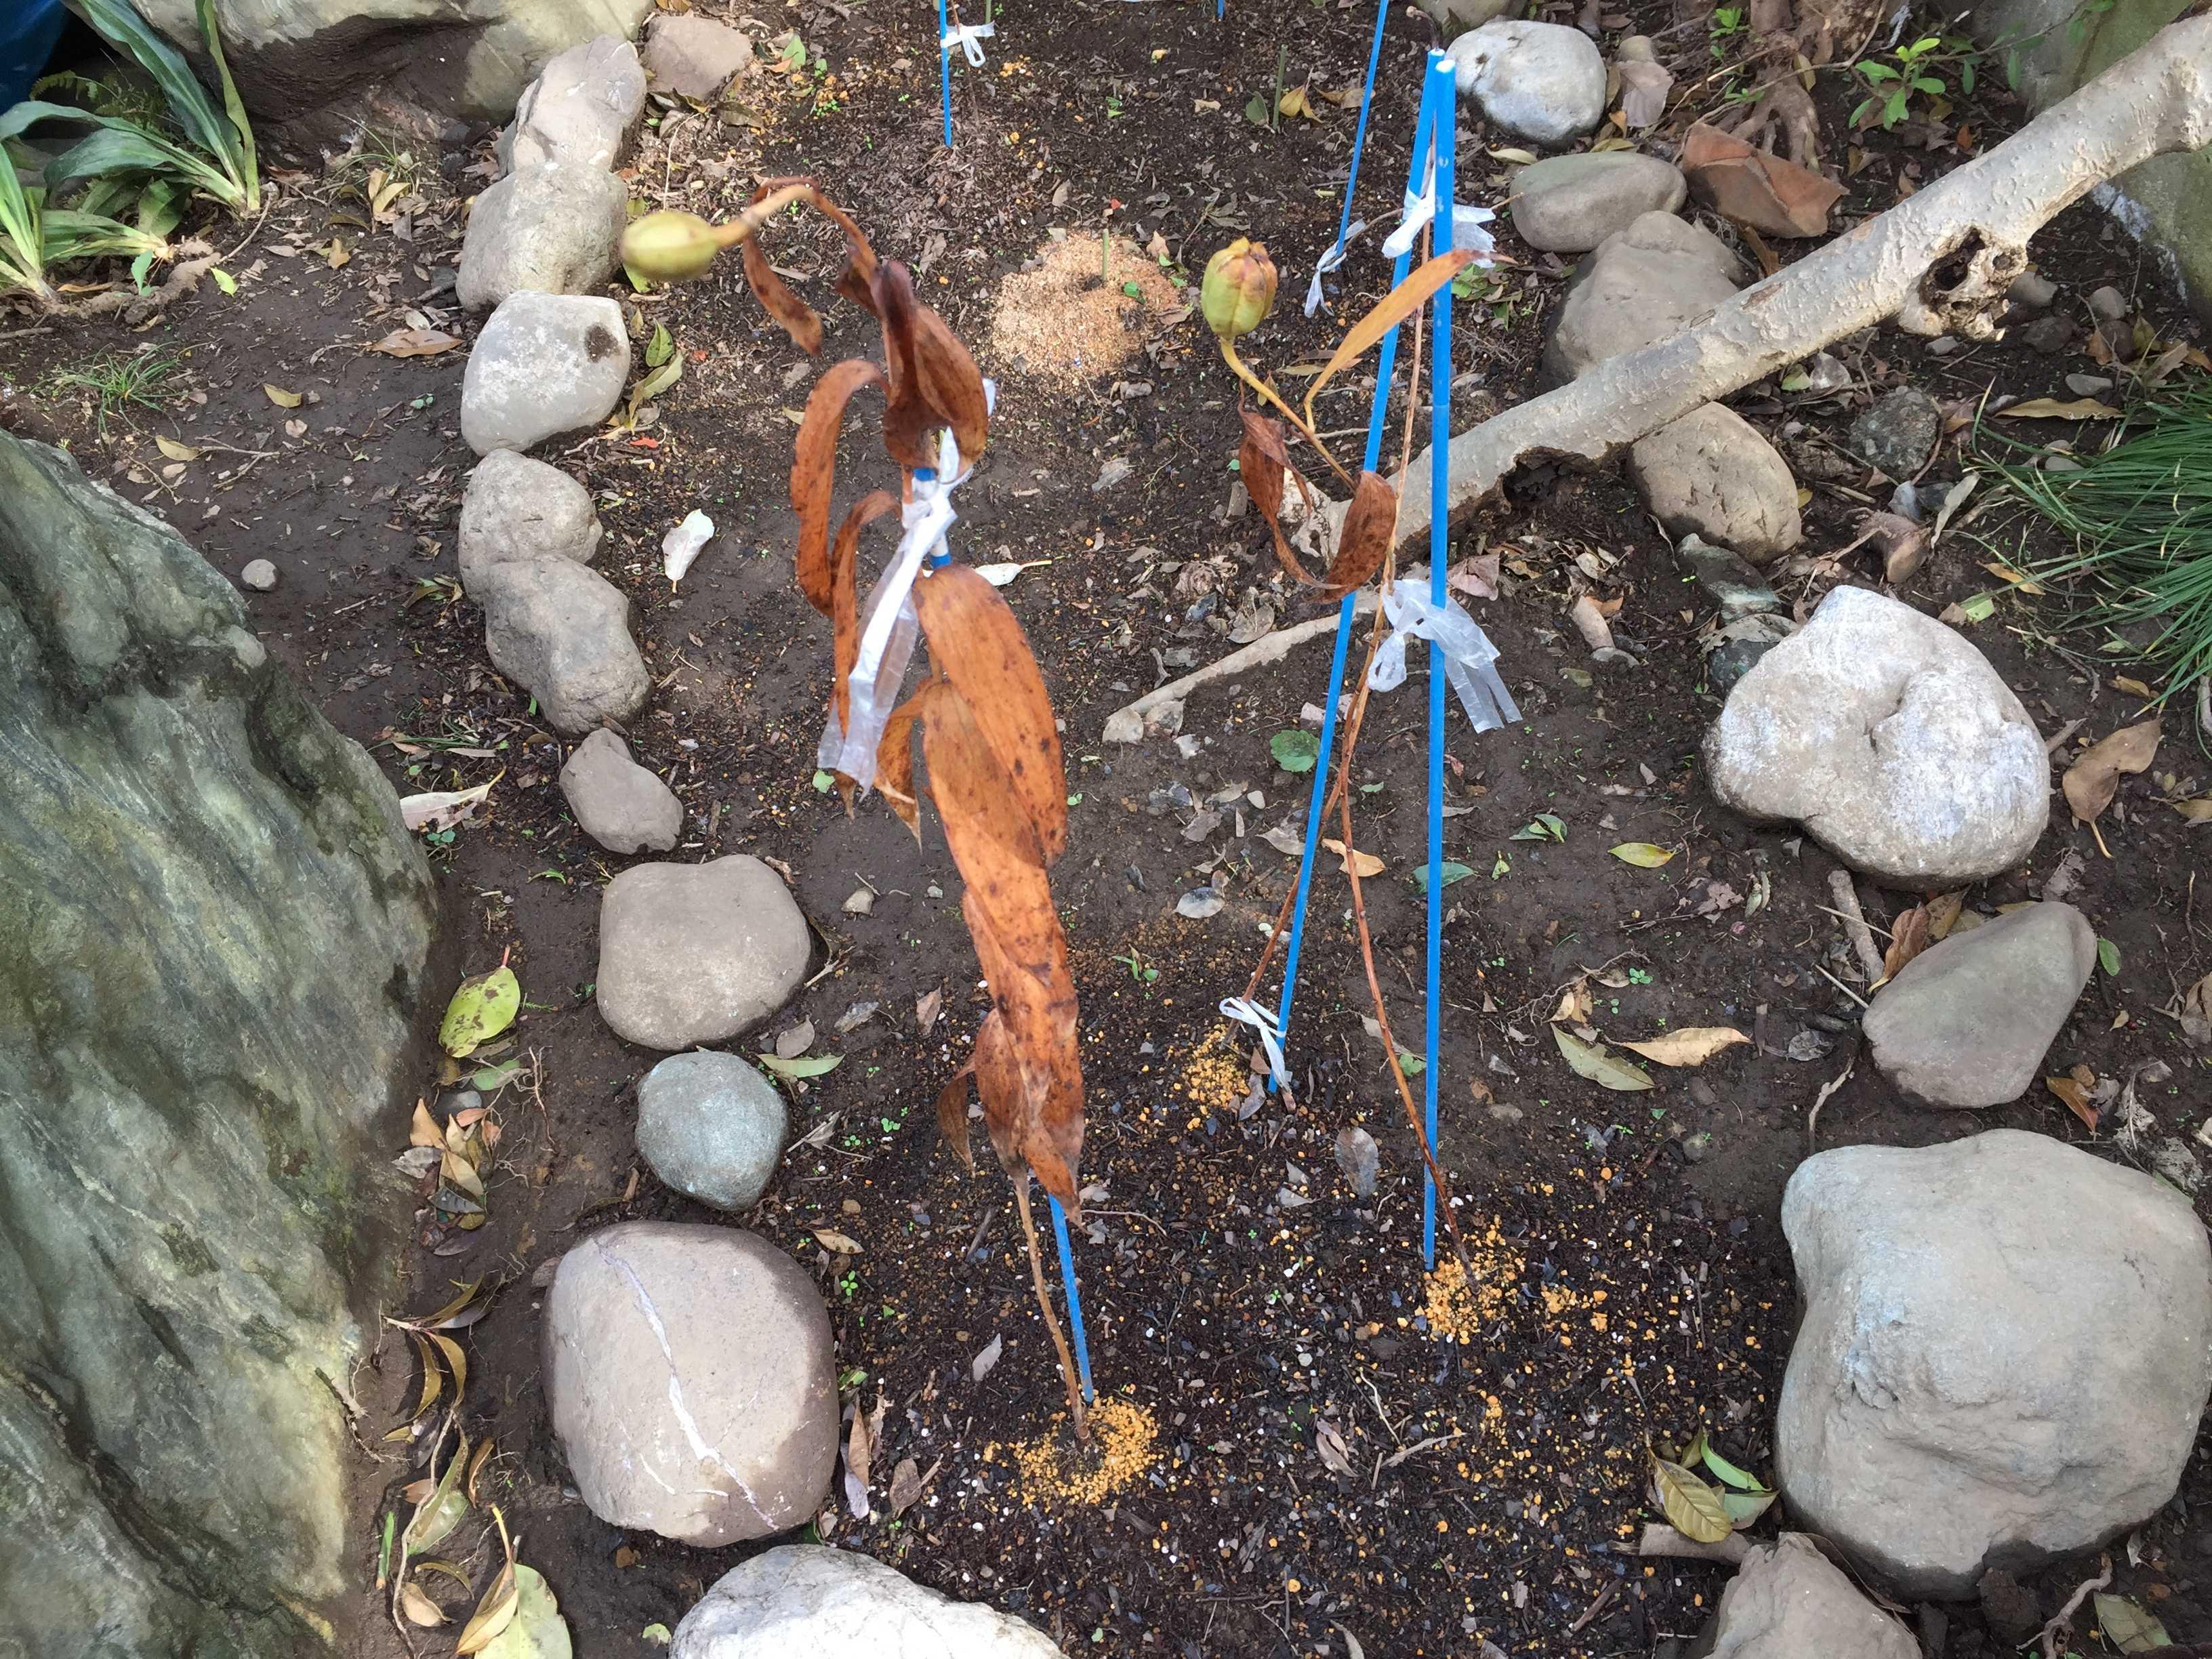 ヤマユリの種子繁殖/実生 - 採種されるのを待つ庭のヤマユリ